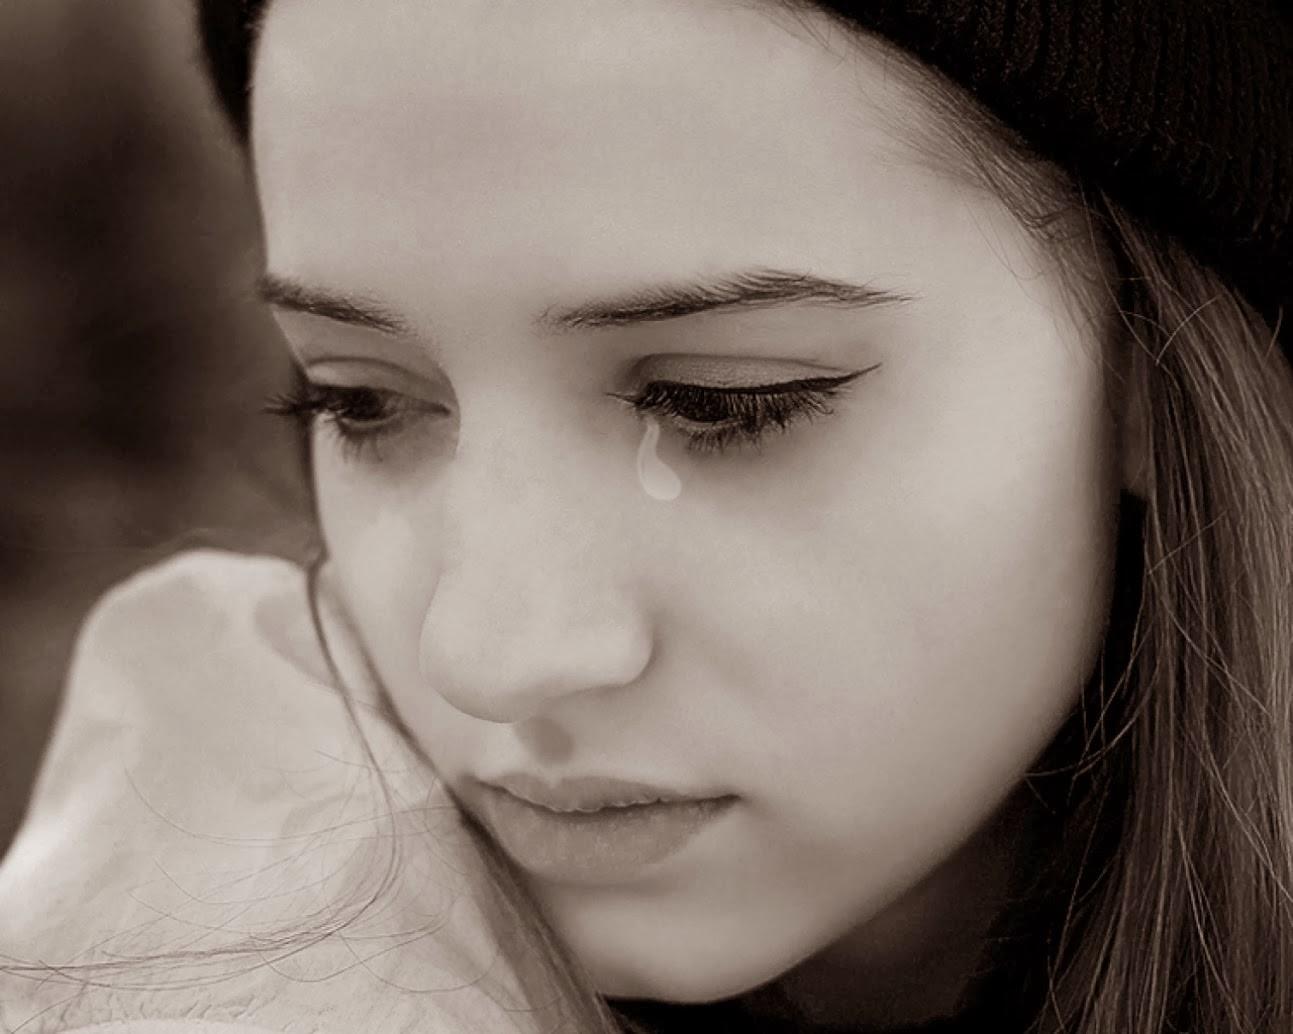 صورة صور بنت حزينه , افضل موضوع عن البنت الحزينه